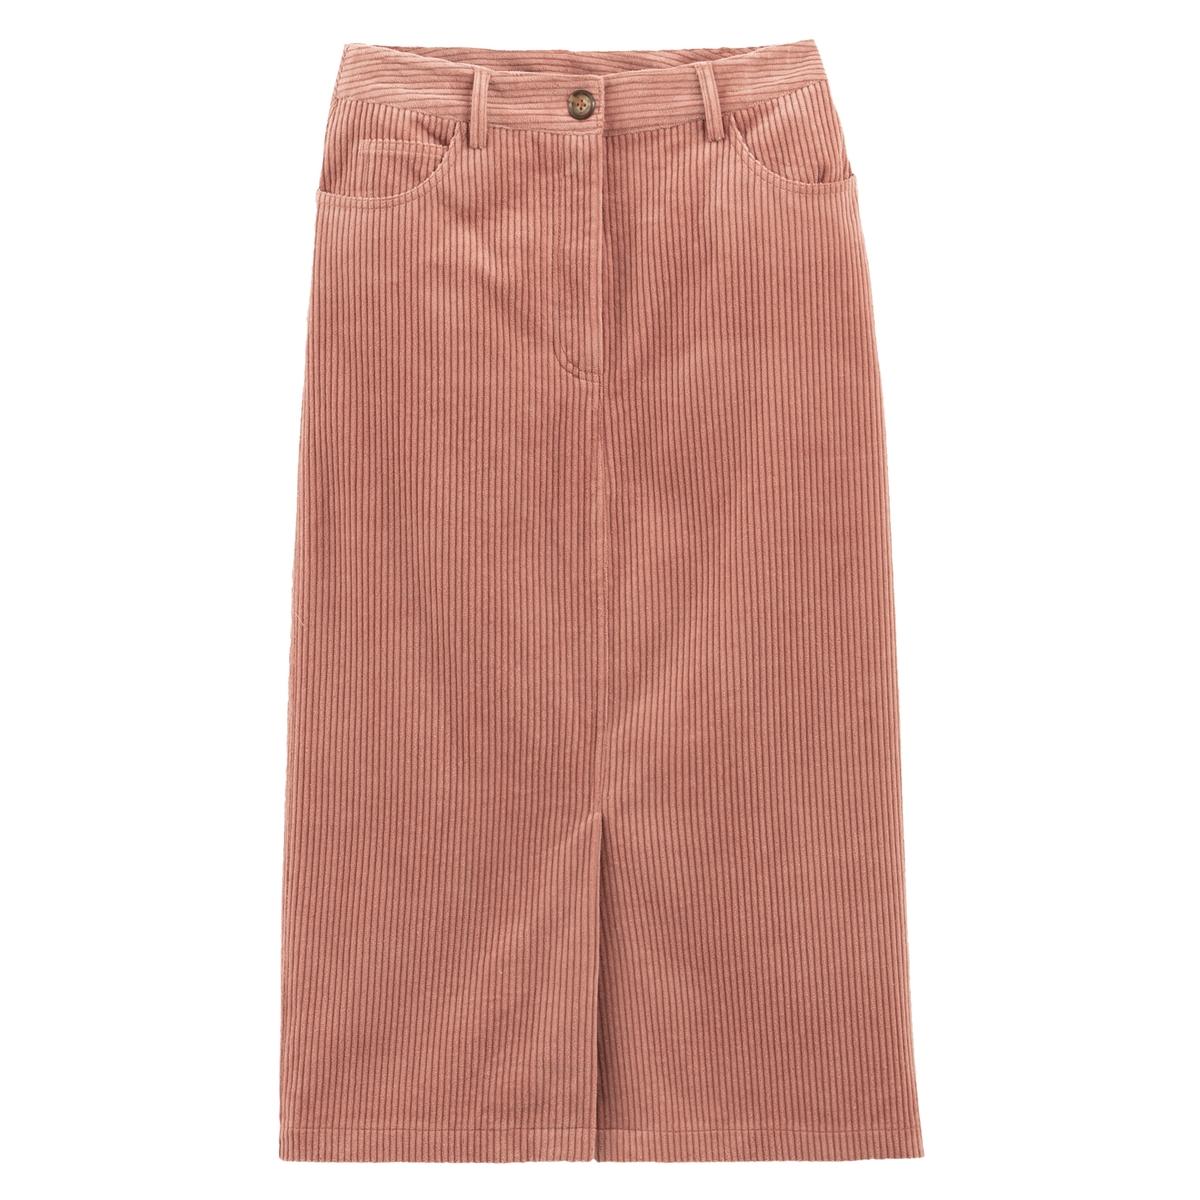 Falda tubo de pana